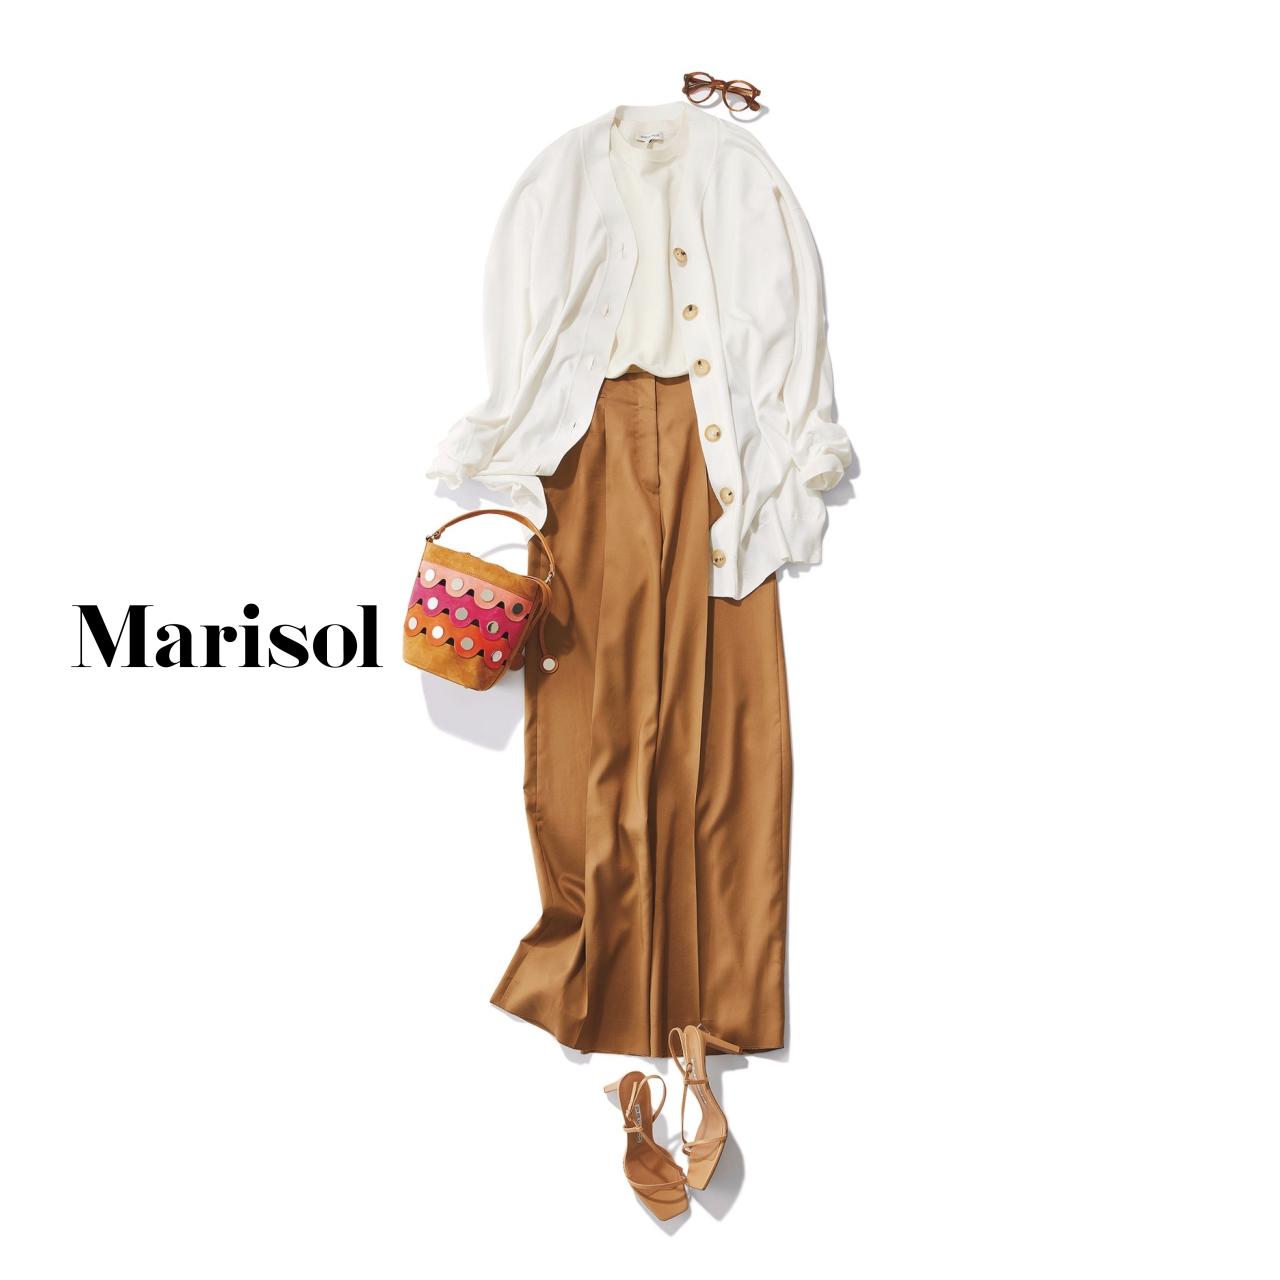 40代ファッション 白アンサンブルニット×ベージュワイドパンツコーデ